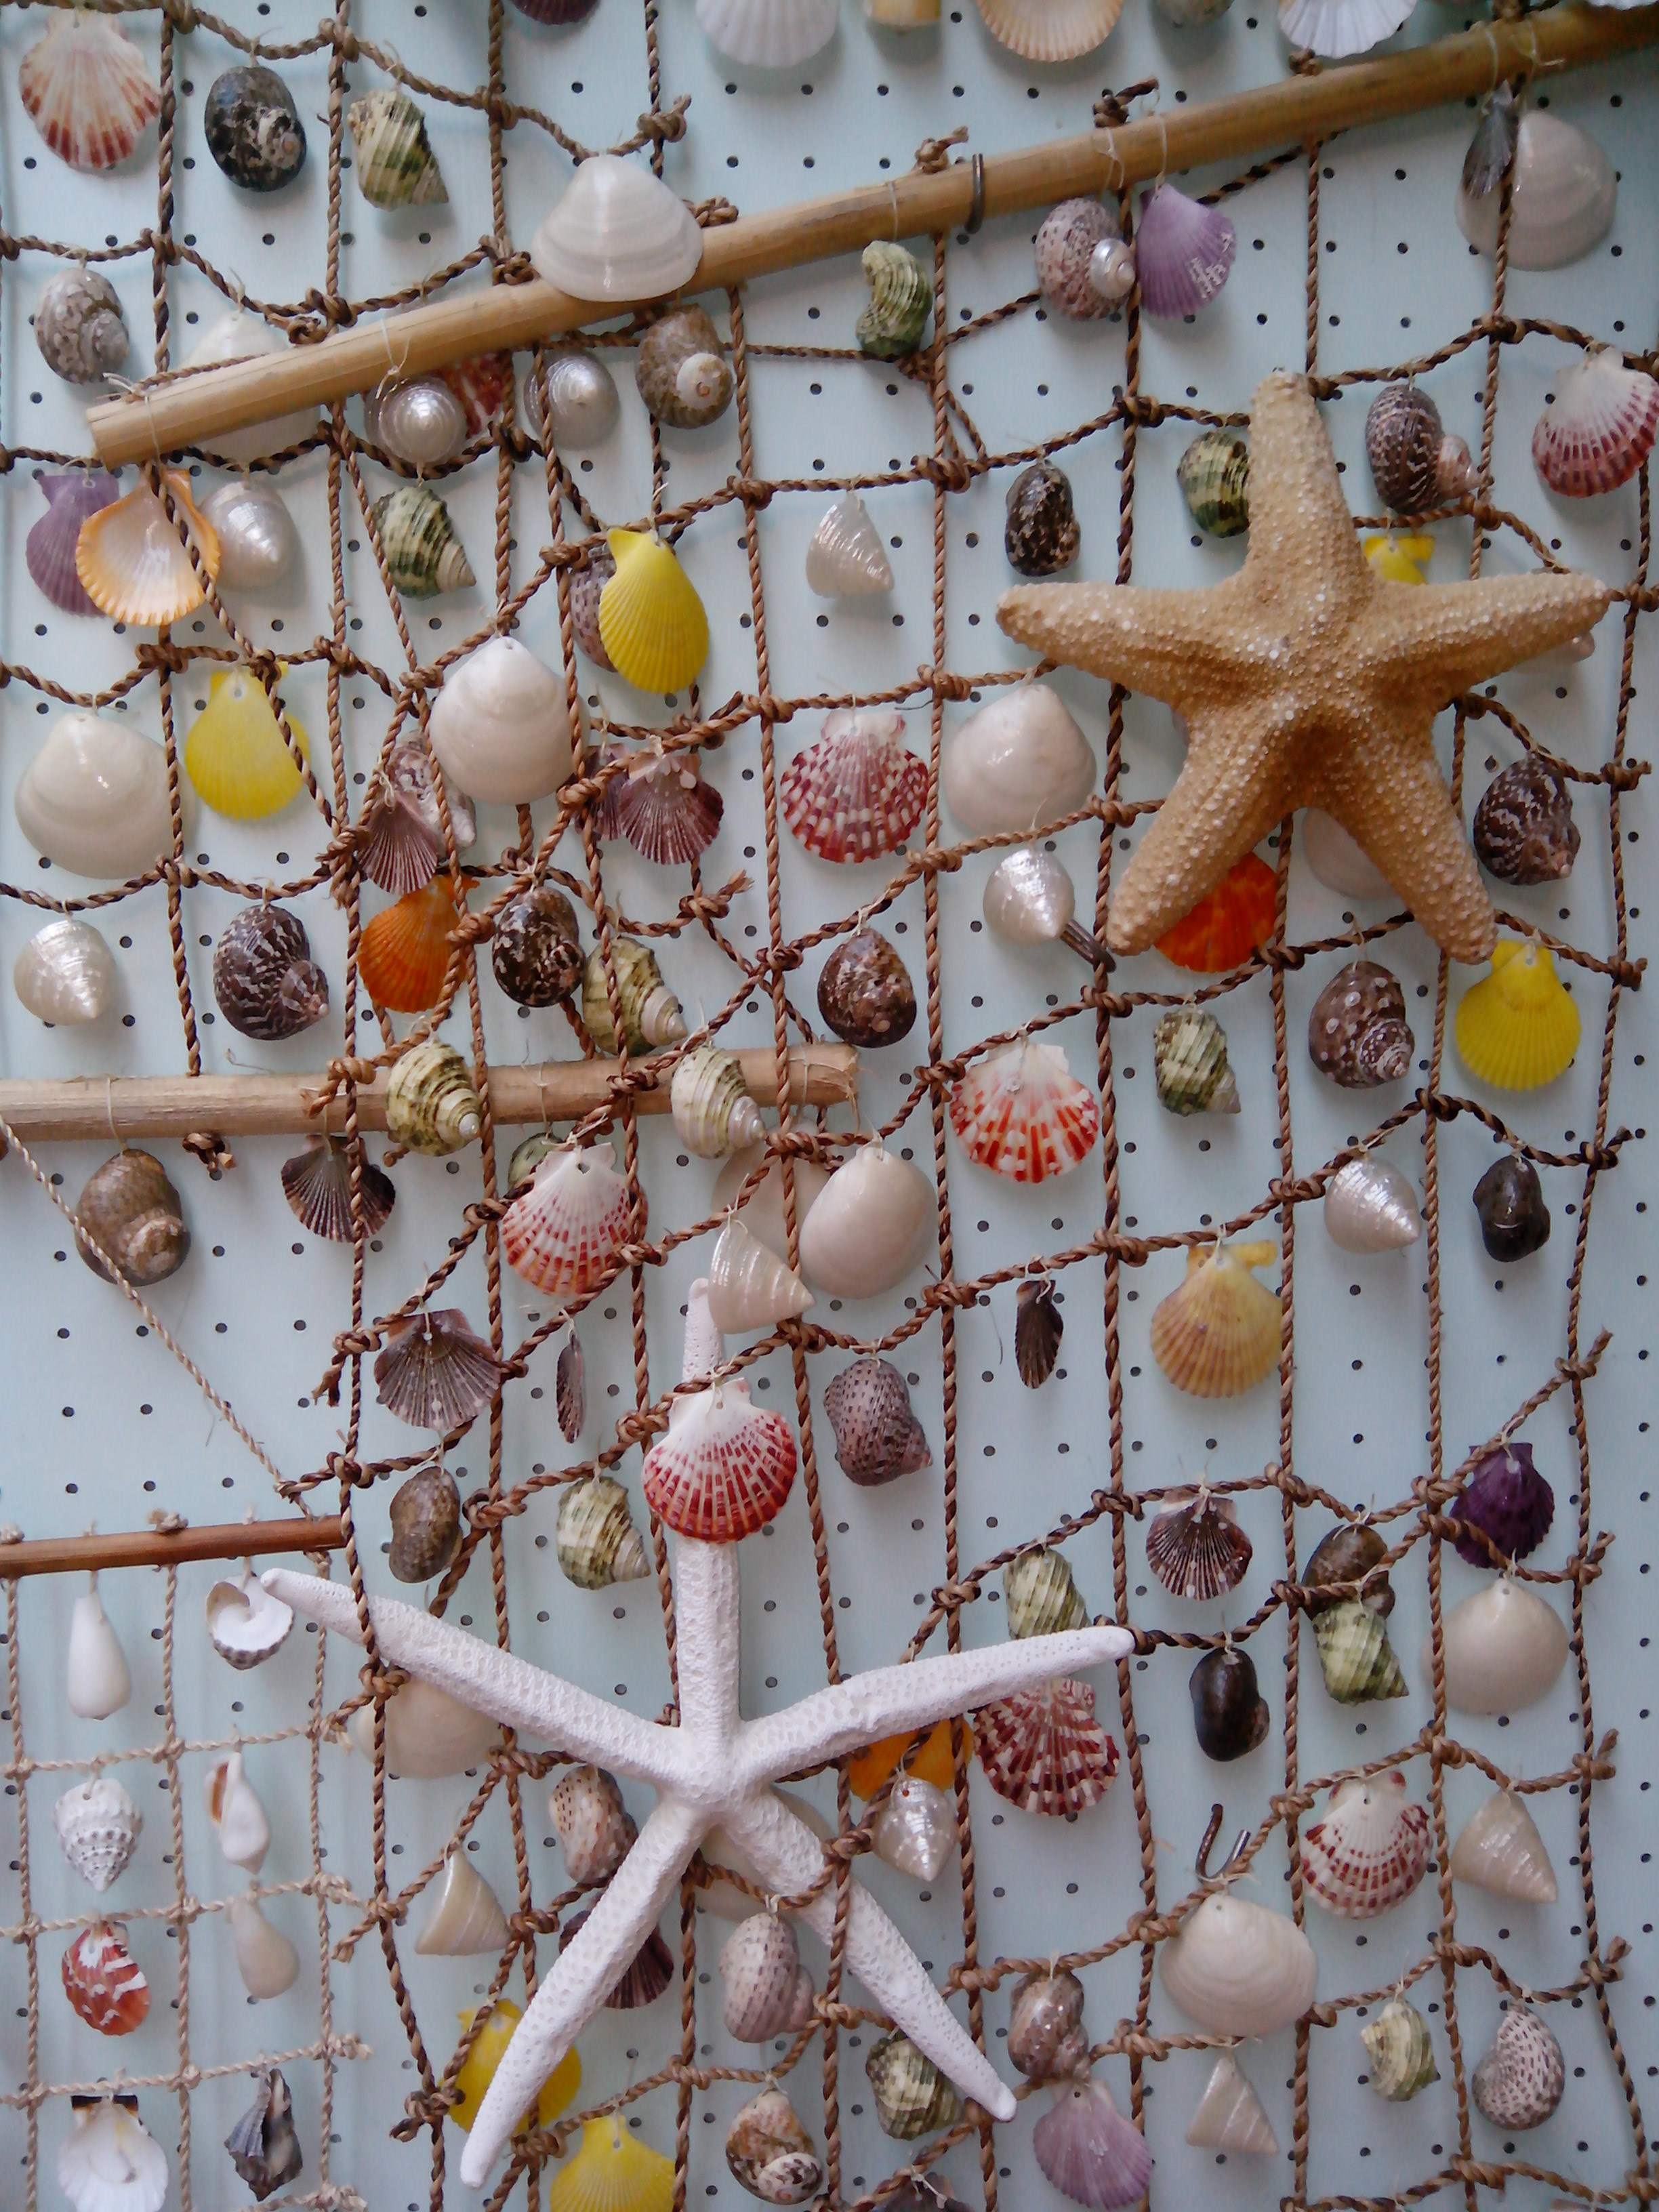 diy con piedras. decoracion de piedras . decoracion con conchas. amalfi. Atrani. Costa amalfitana